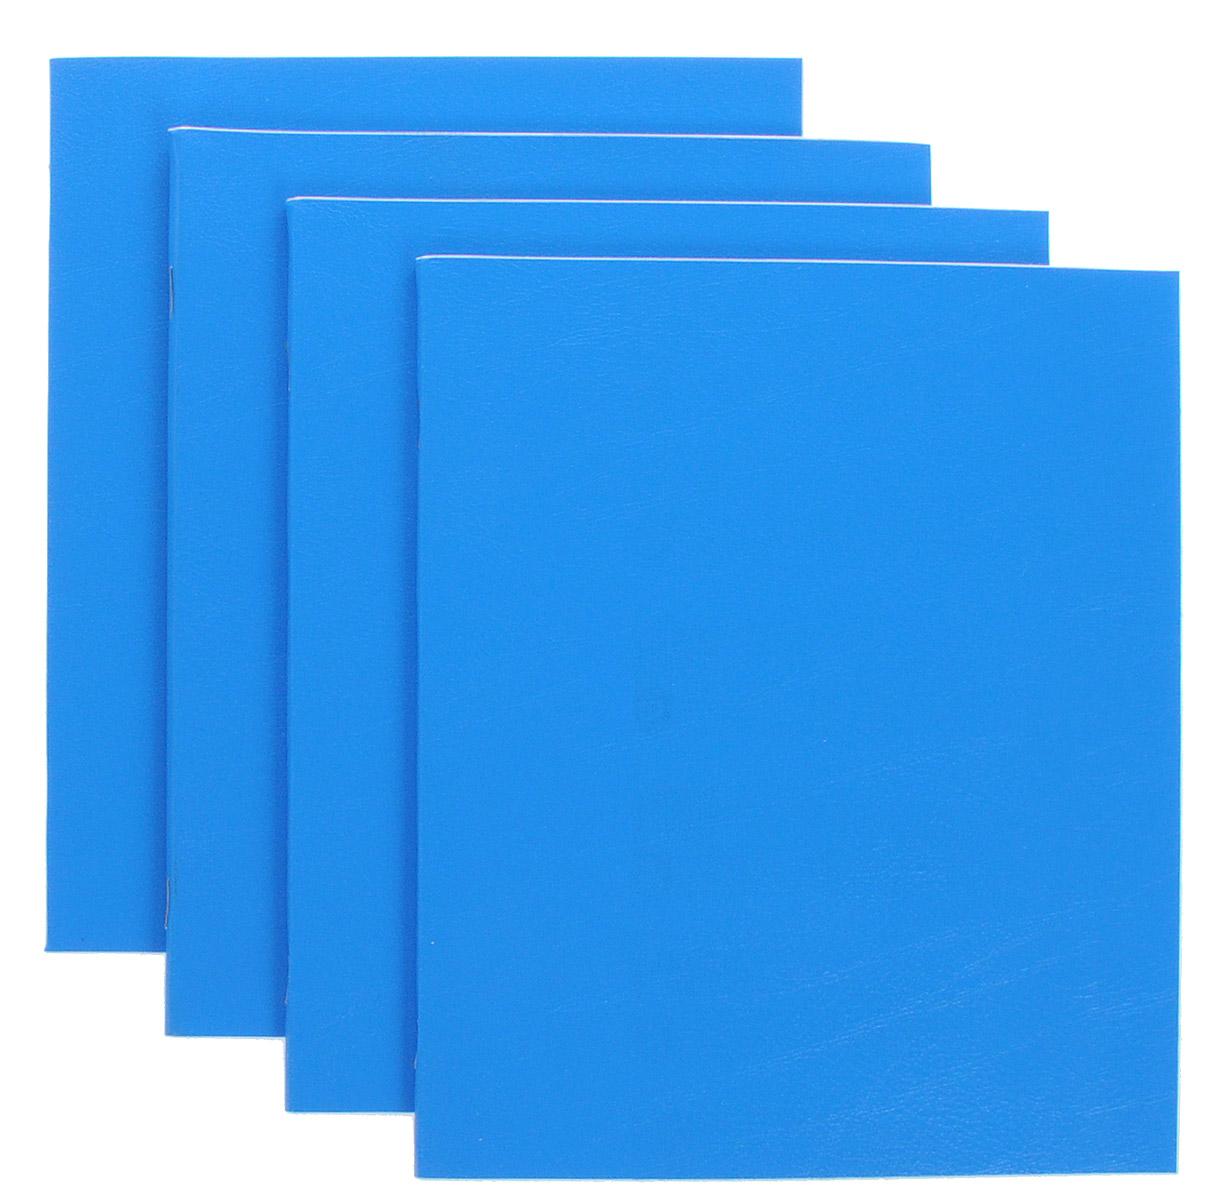 Action! Набор тетрадей Sponsor 48 листов в клетку 4 штSN-48-5/5/4_синийКомплект тетрадей Action! Sponsor включает в себя 4 тетради.Обложка каждой тетради изготовлена из бумвинила. Внутренний блок состоит из 48 листов белой бумаги, соединенных скрепками. Стандартная линовка в голубую клетку дополнена полями, совпадающими с лицевой и оборотной стороны листа.